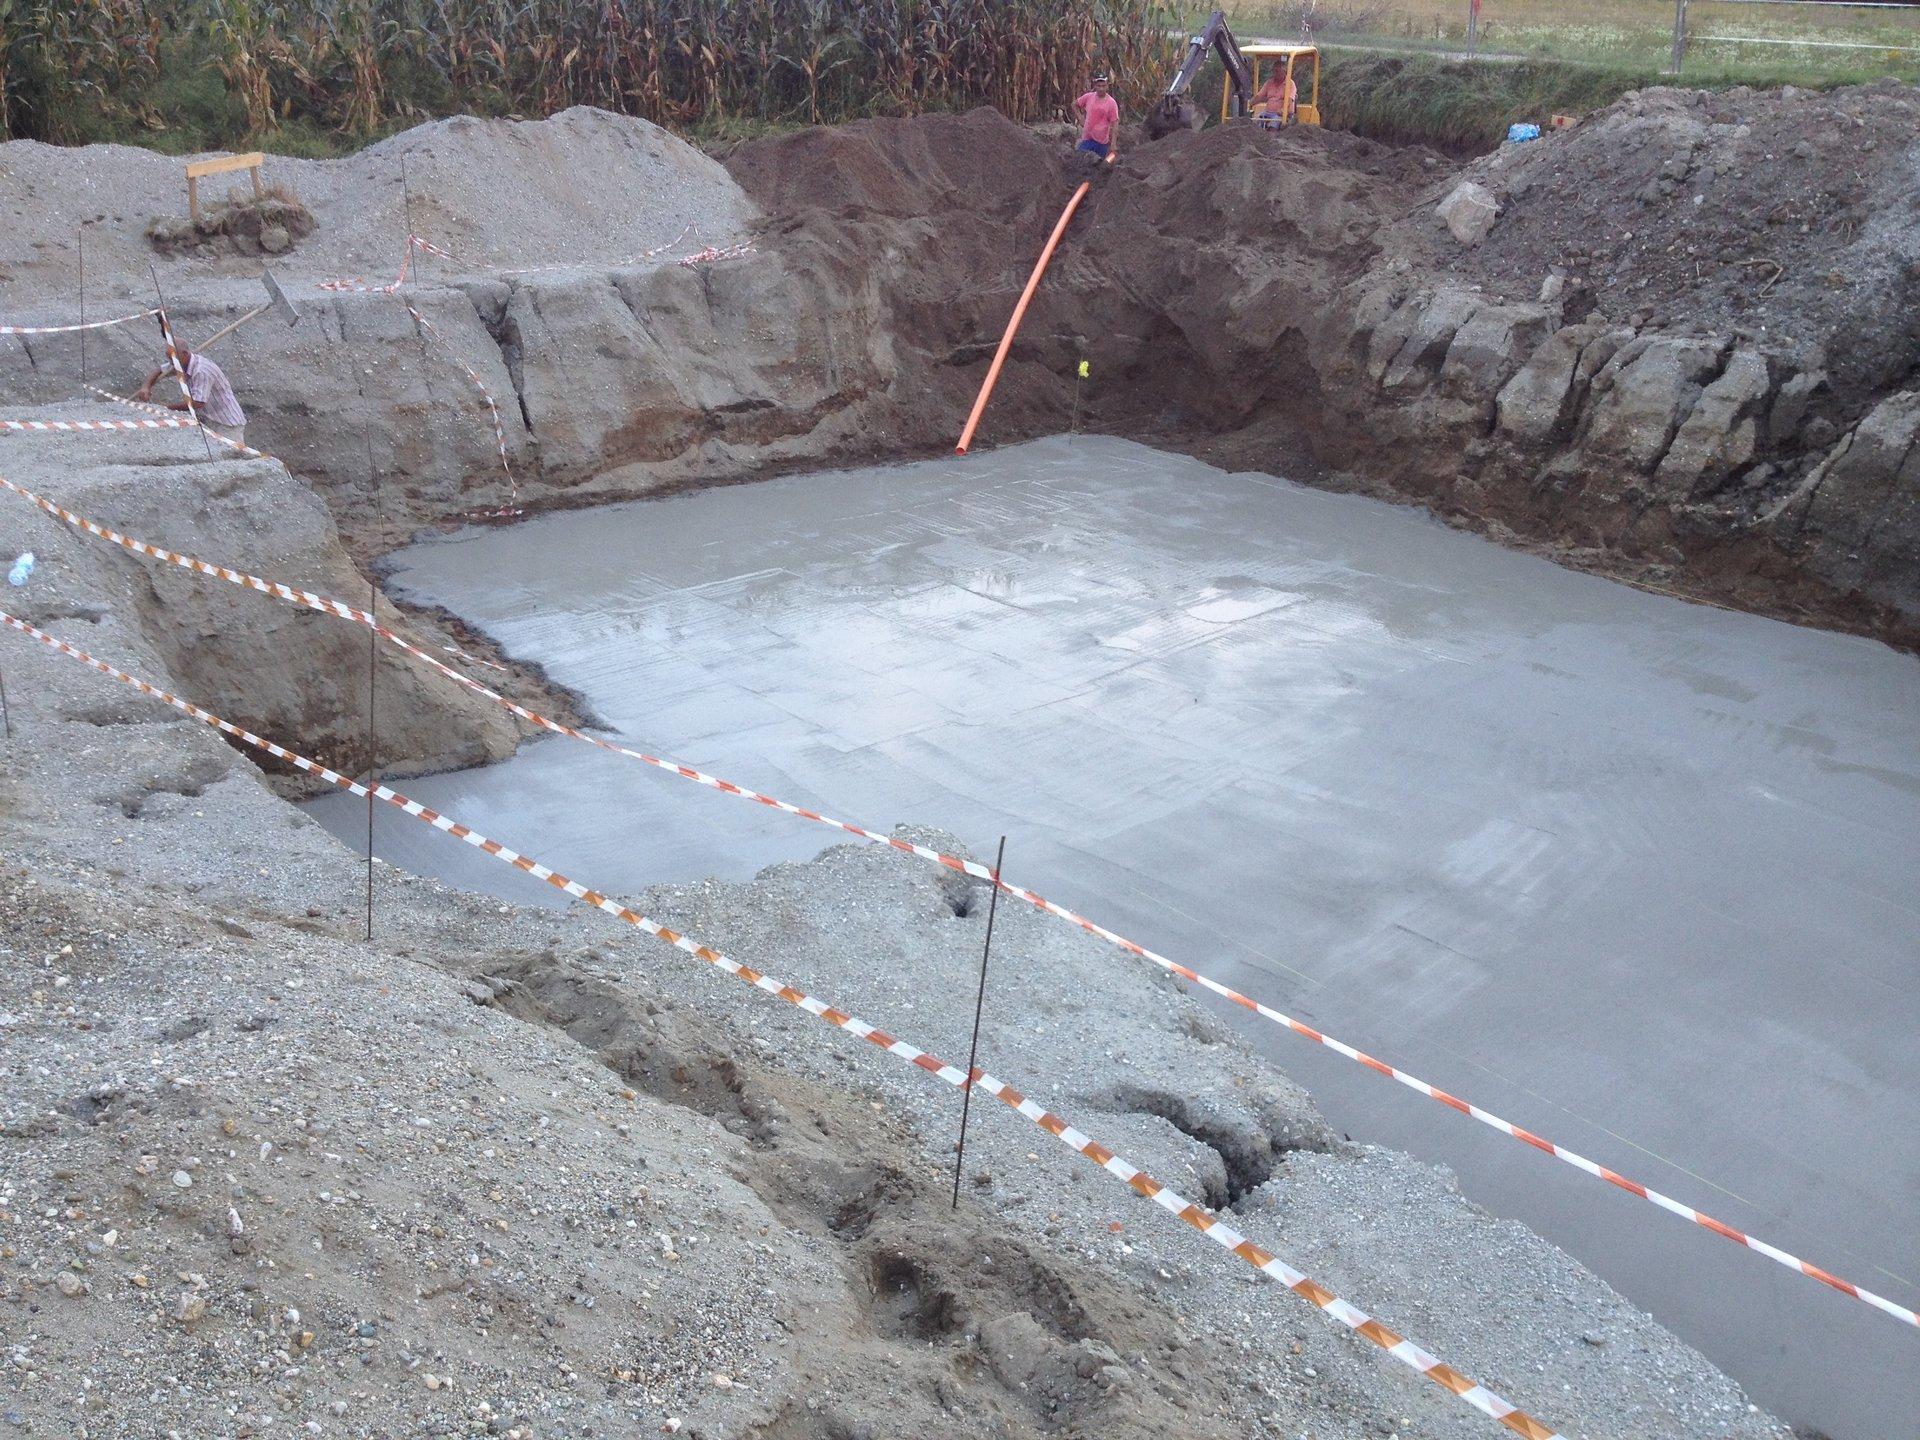 intonacatura del cemento sul pavimento di un cantiere